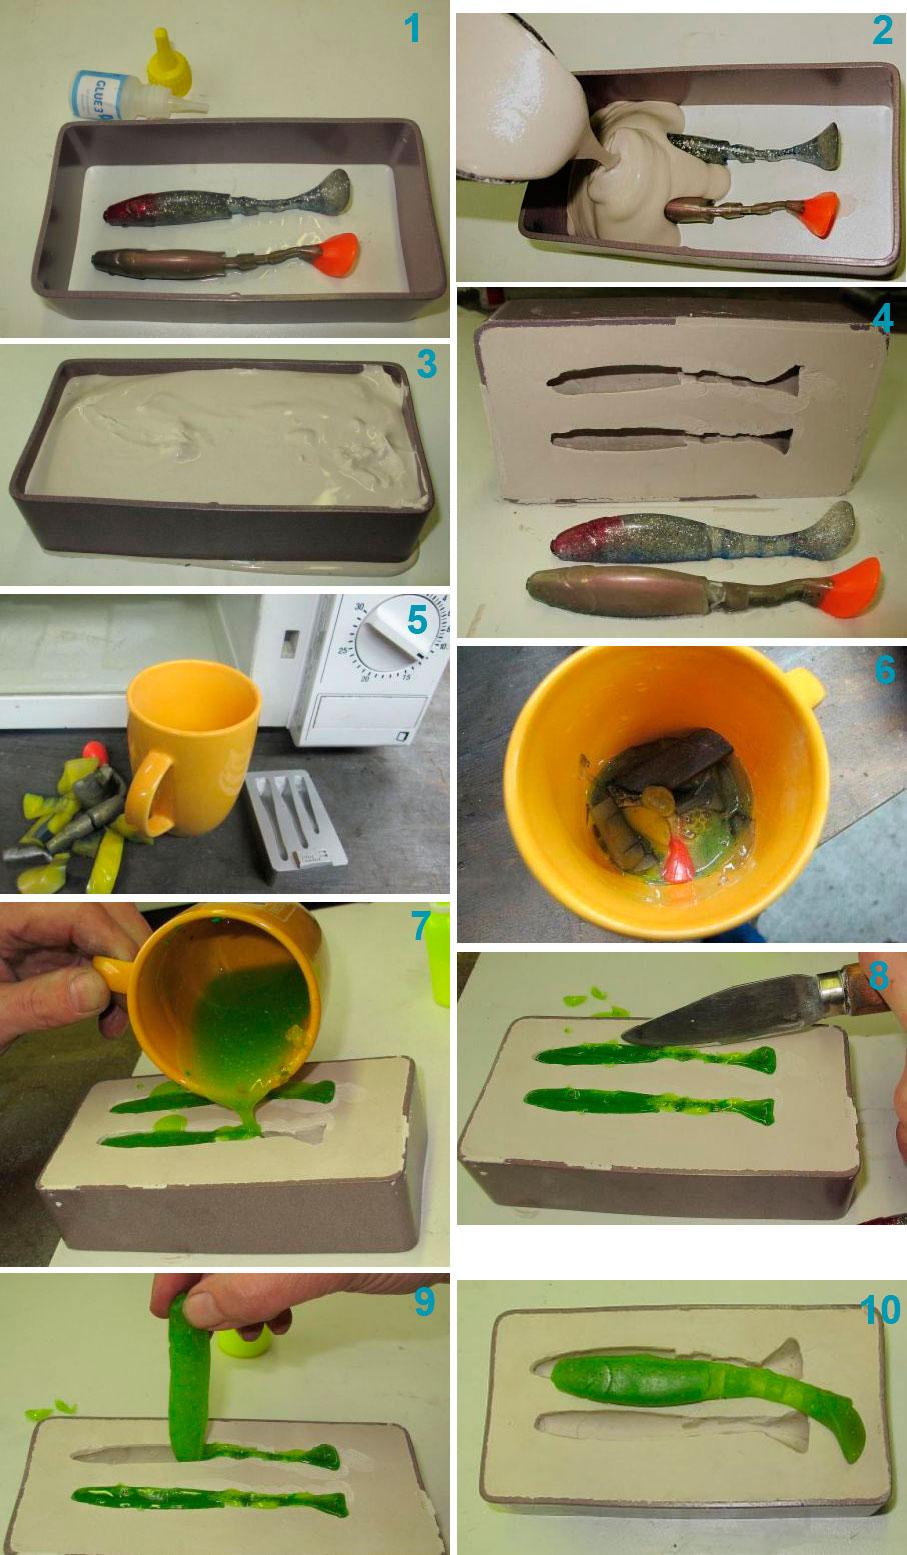 Как сделать силикон своими руками в домашних условиях 76